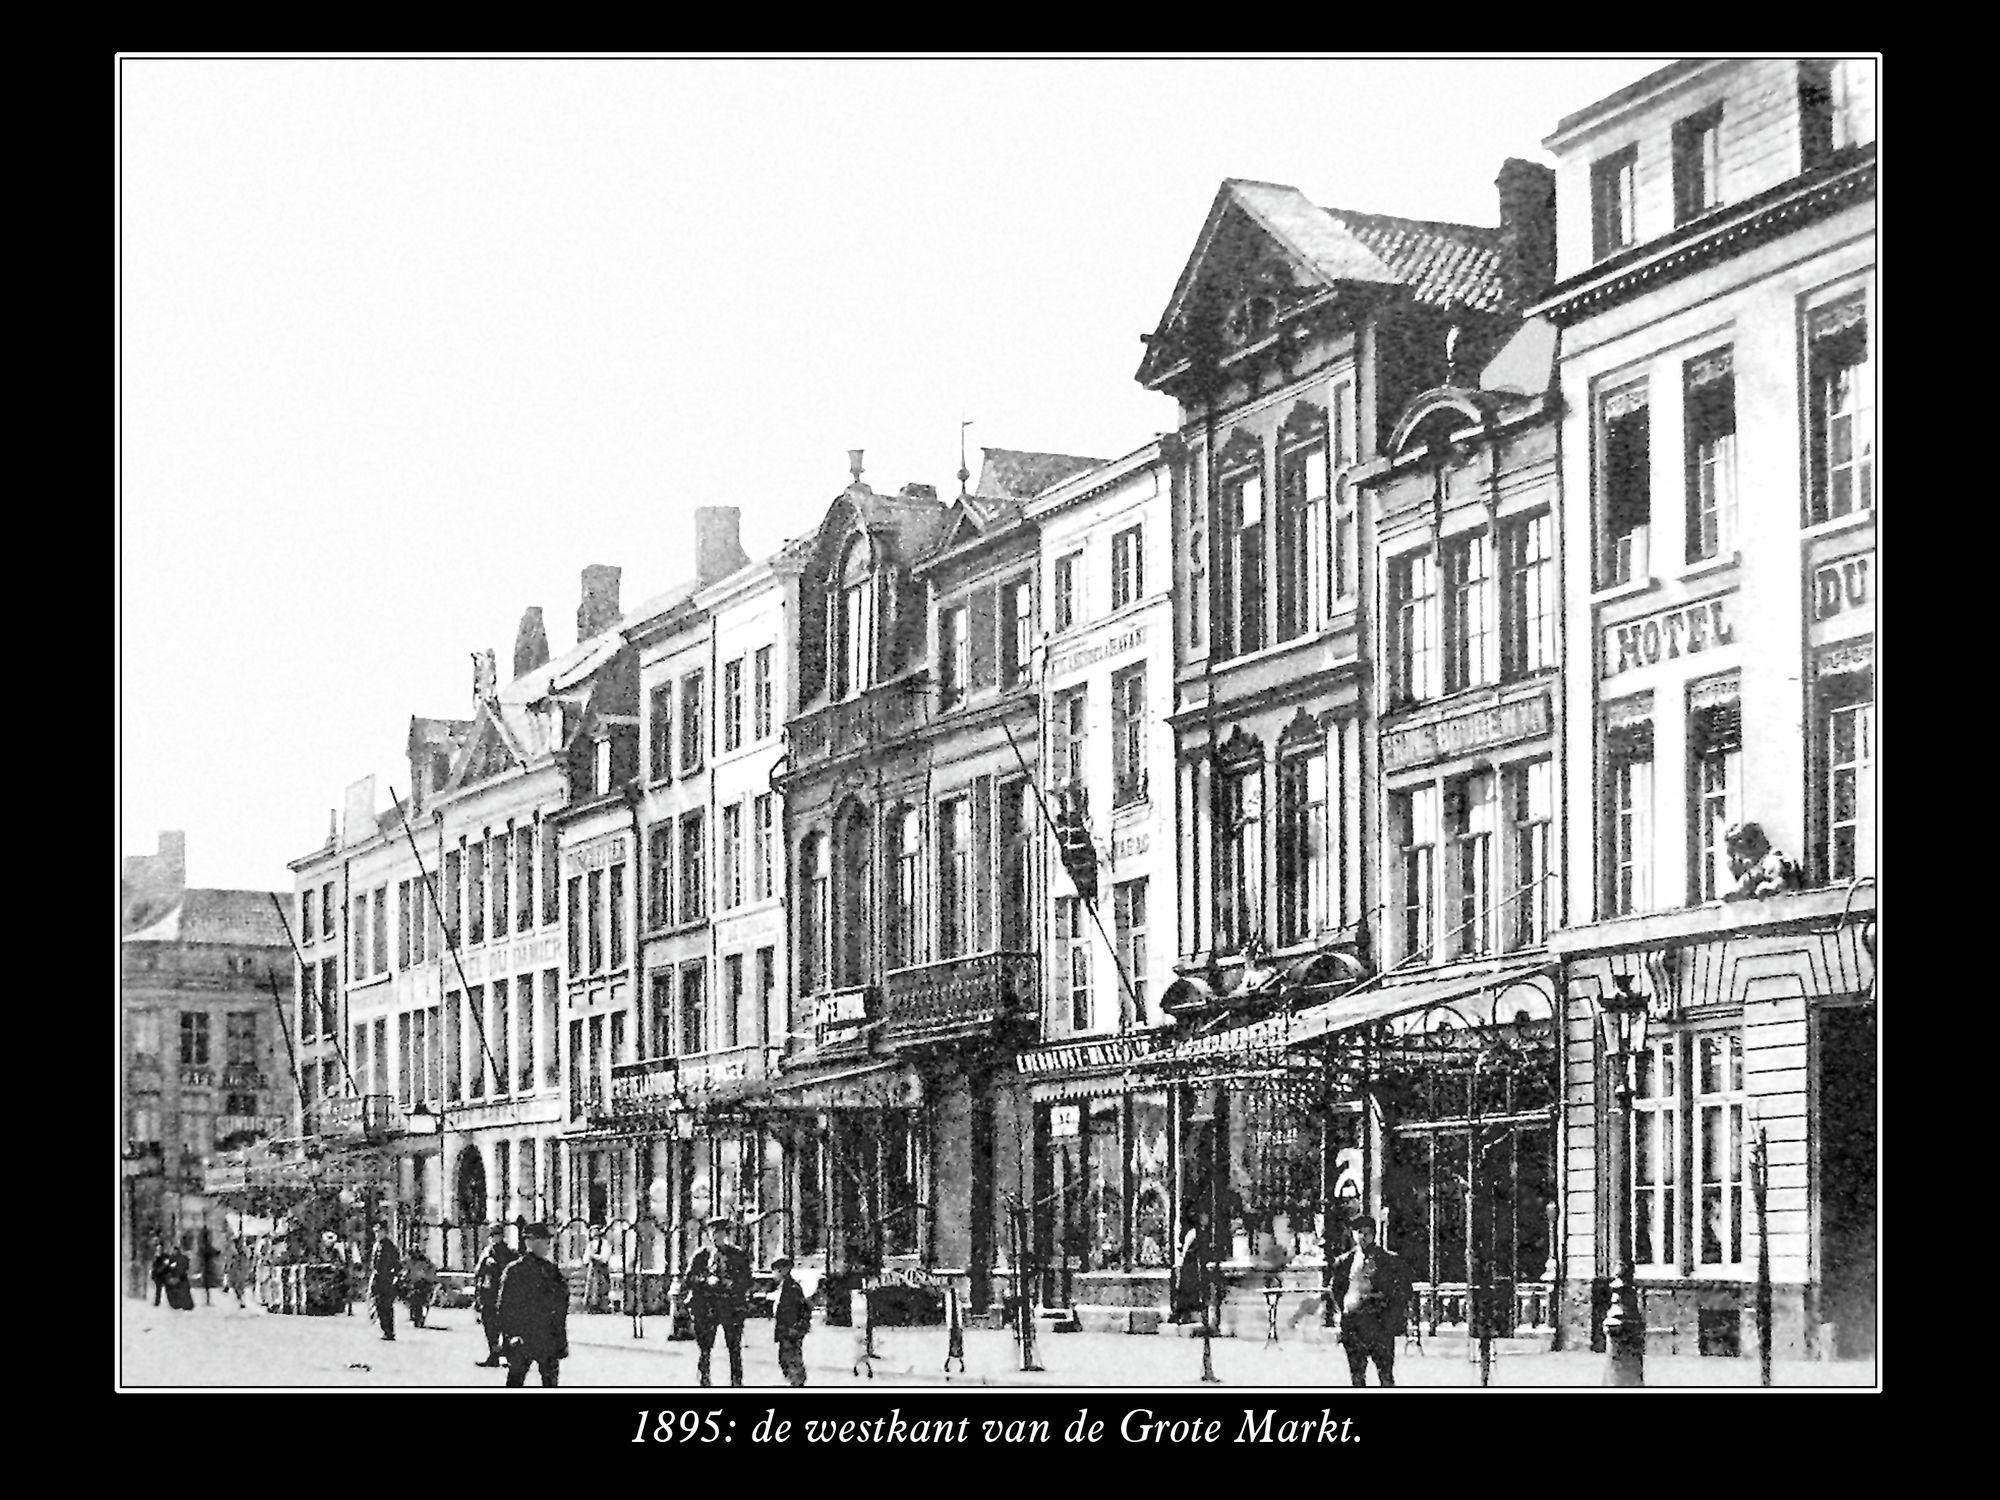 Westkant van de Grote Markt anno 1895